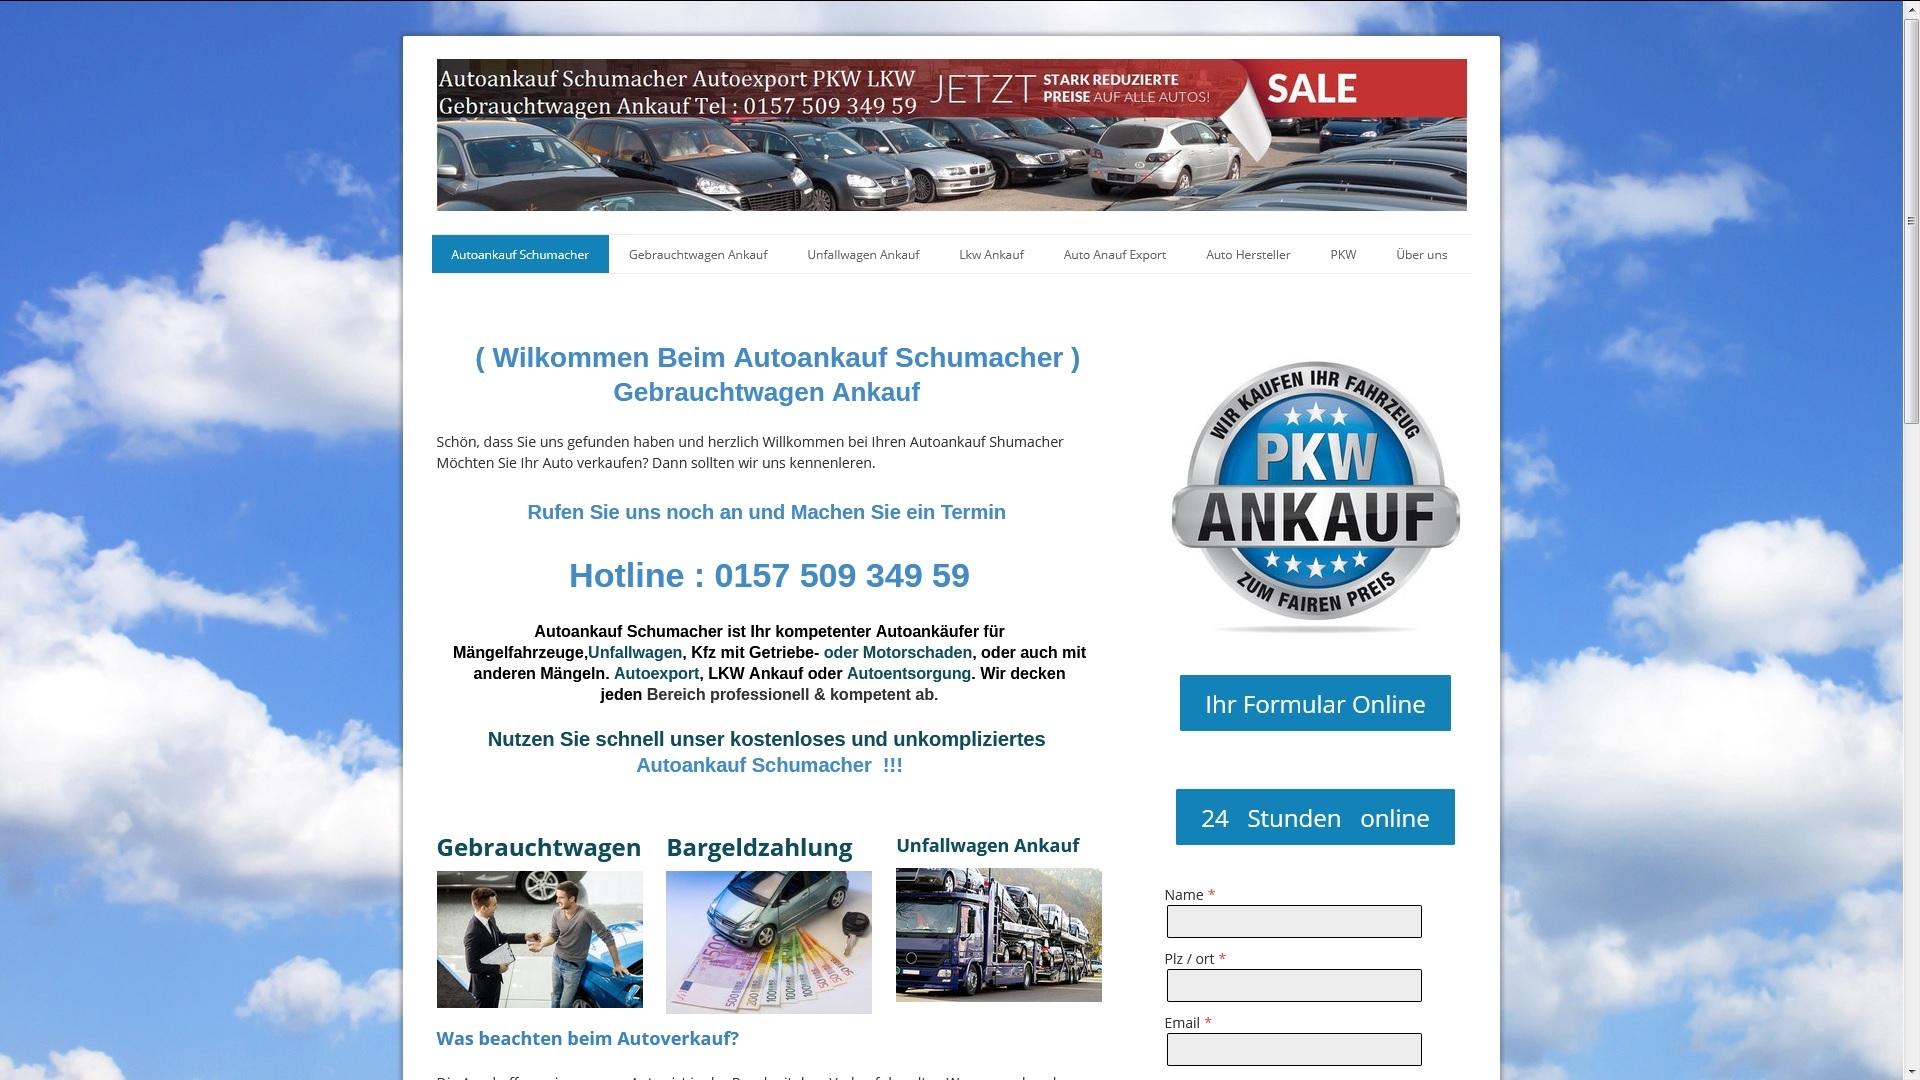 https://www.autoankauf-schumacher.de - Autoankauf Falkensee